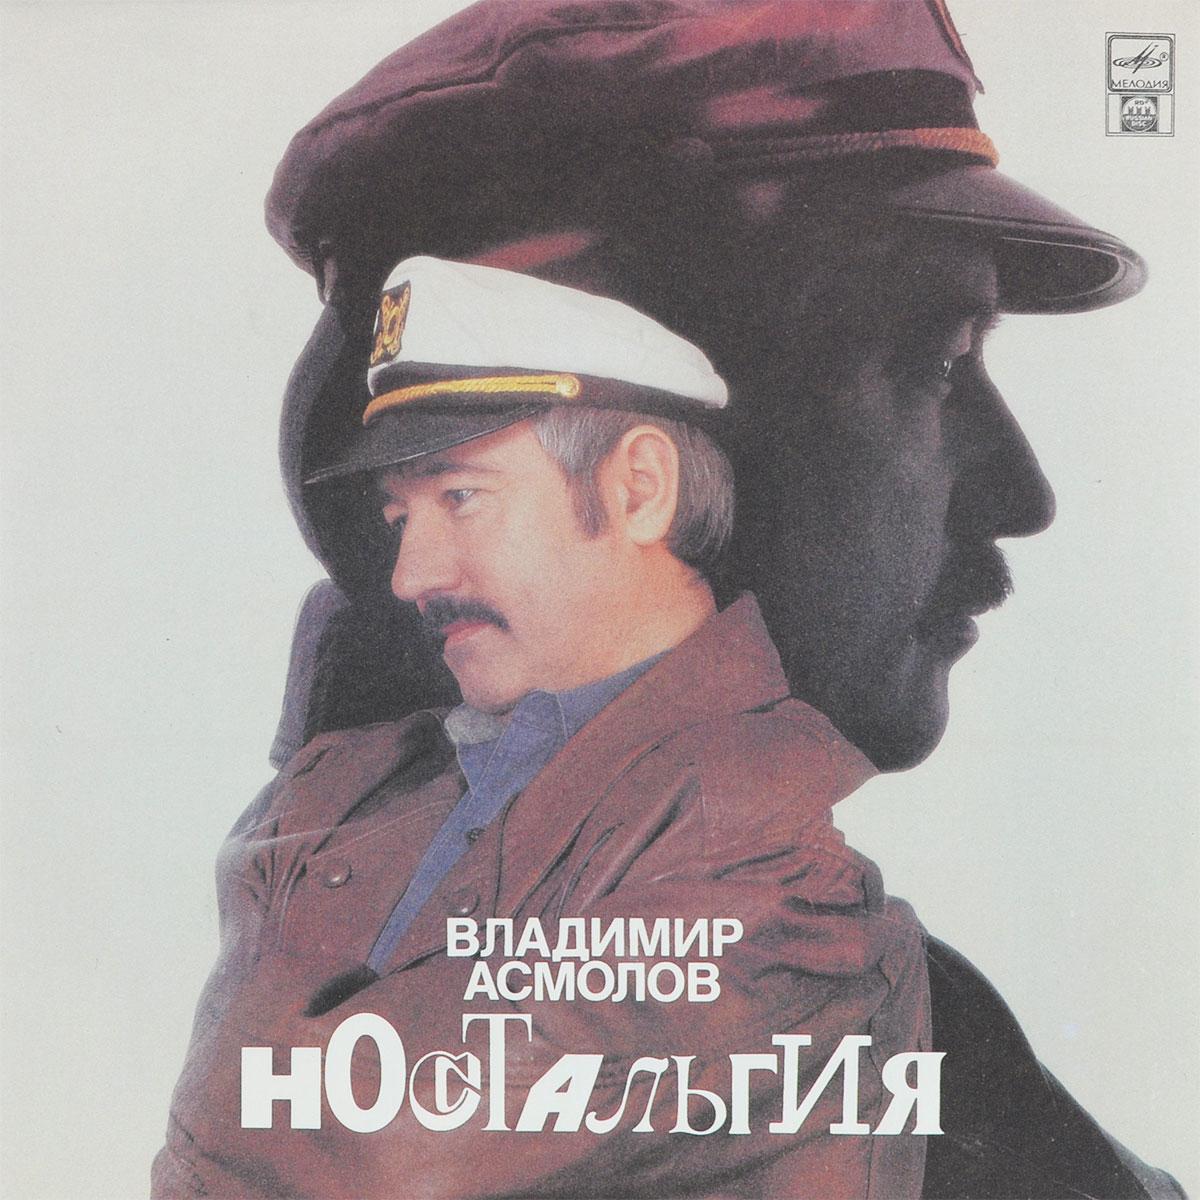 Zakazat.ru: Владимир Асмолов. Ностальгия (LP)